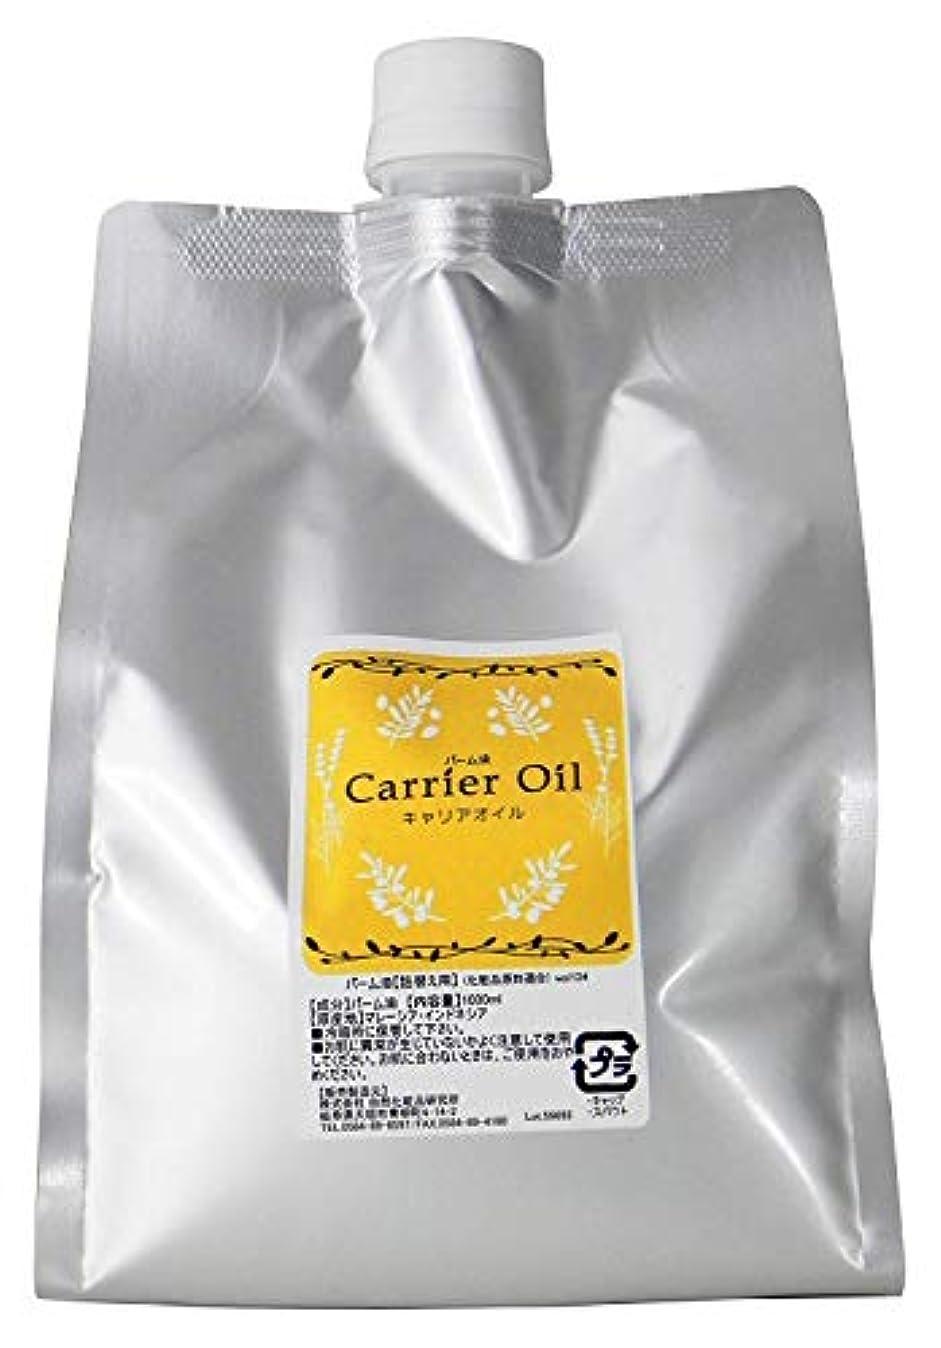 文言葬儀バットパーム油 (精製パームオイル) キャリアオイル 化粧品材料 1000ml アルミパウチ入り